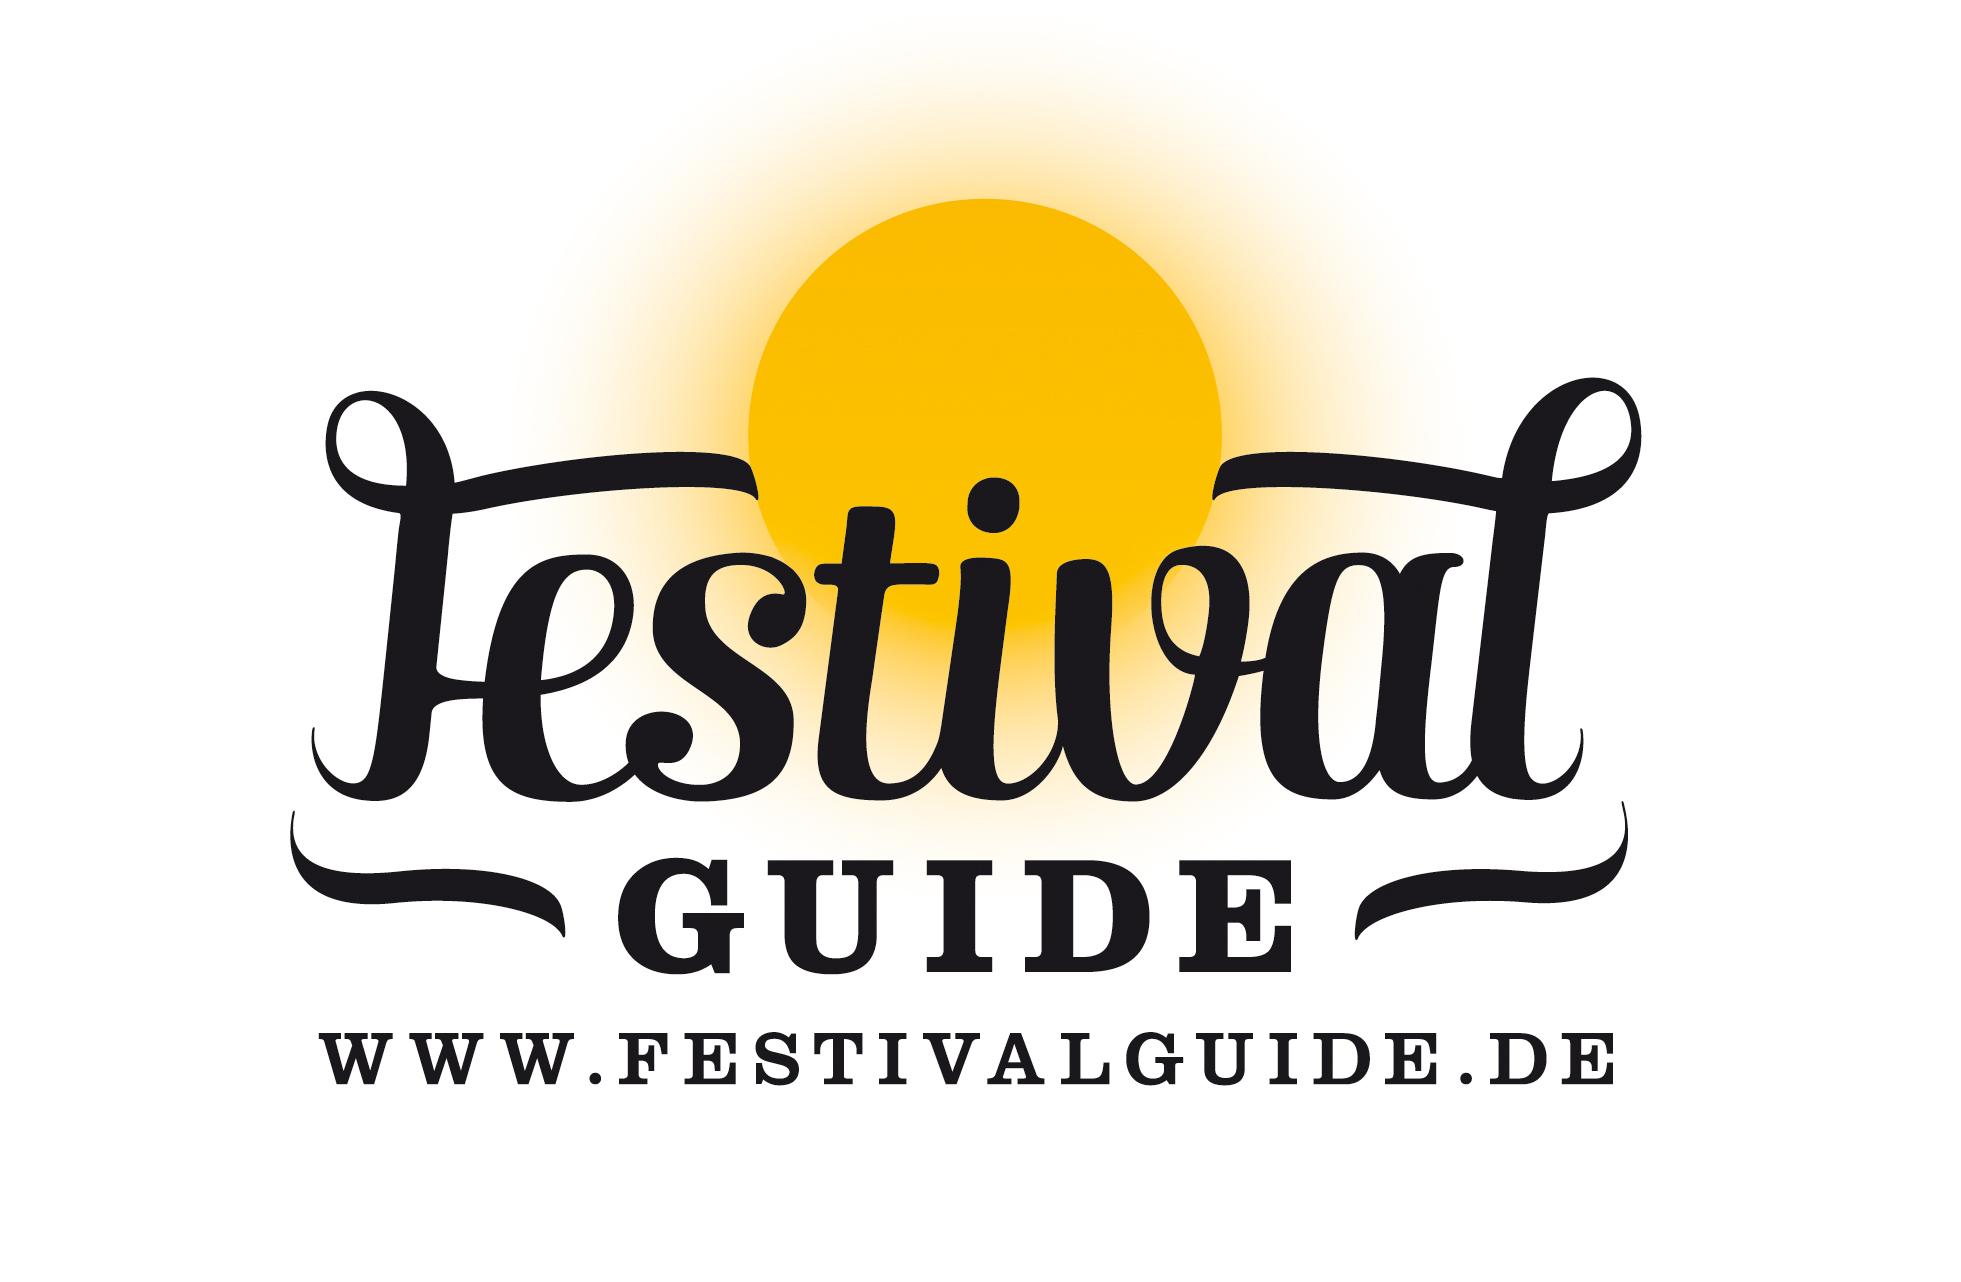 Festivalguide - Logo